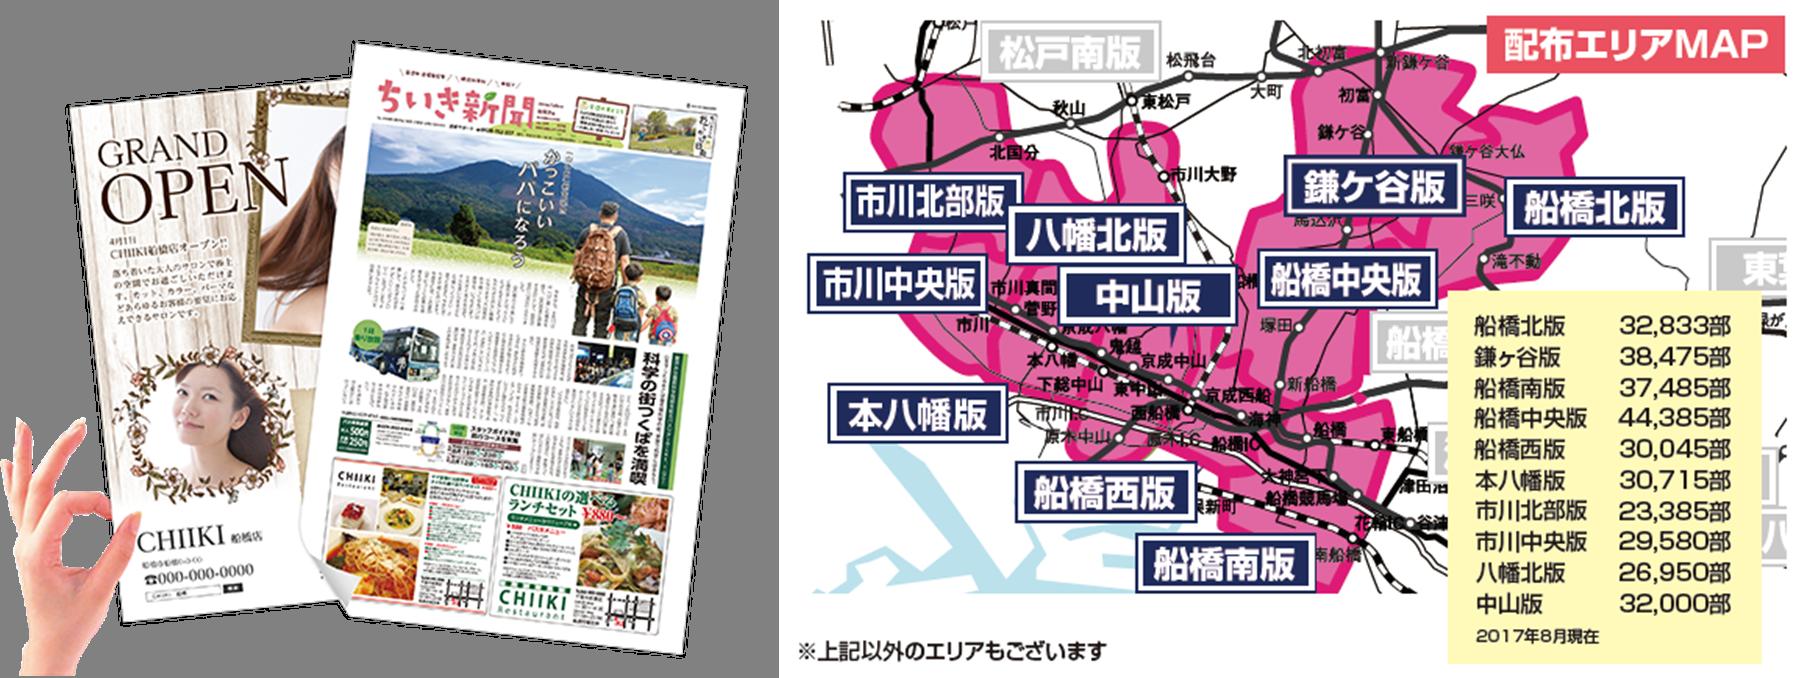 【船橋市 ポスティングエリアMAP・部数一覧】